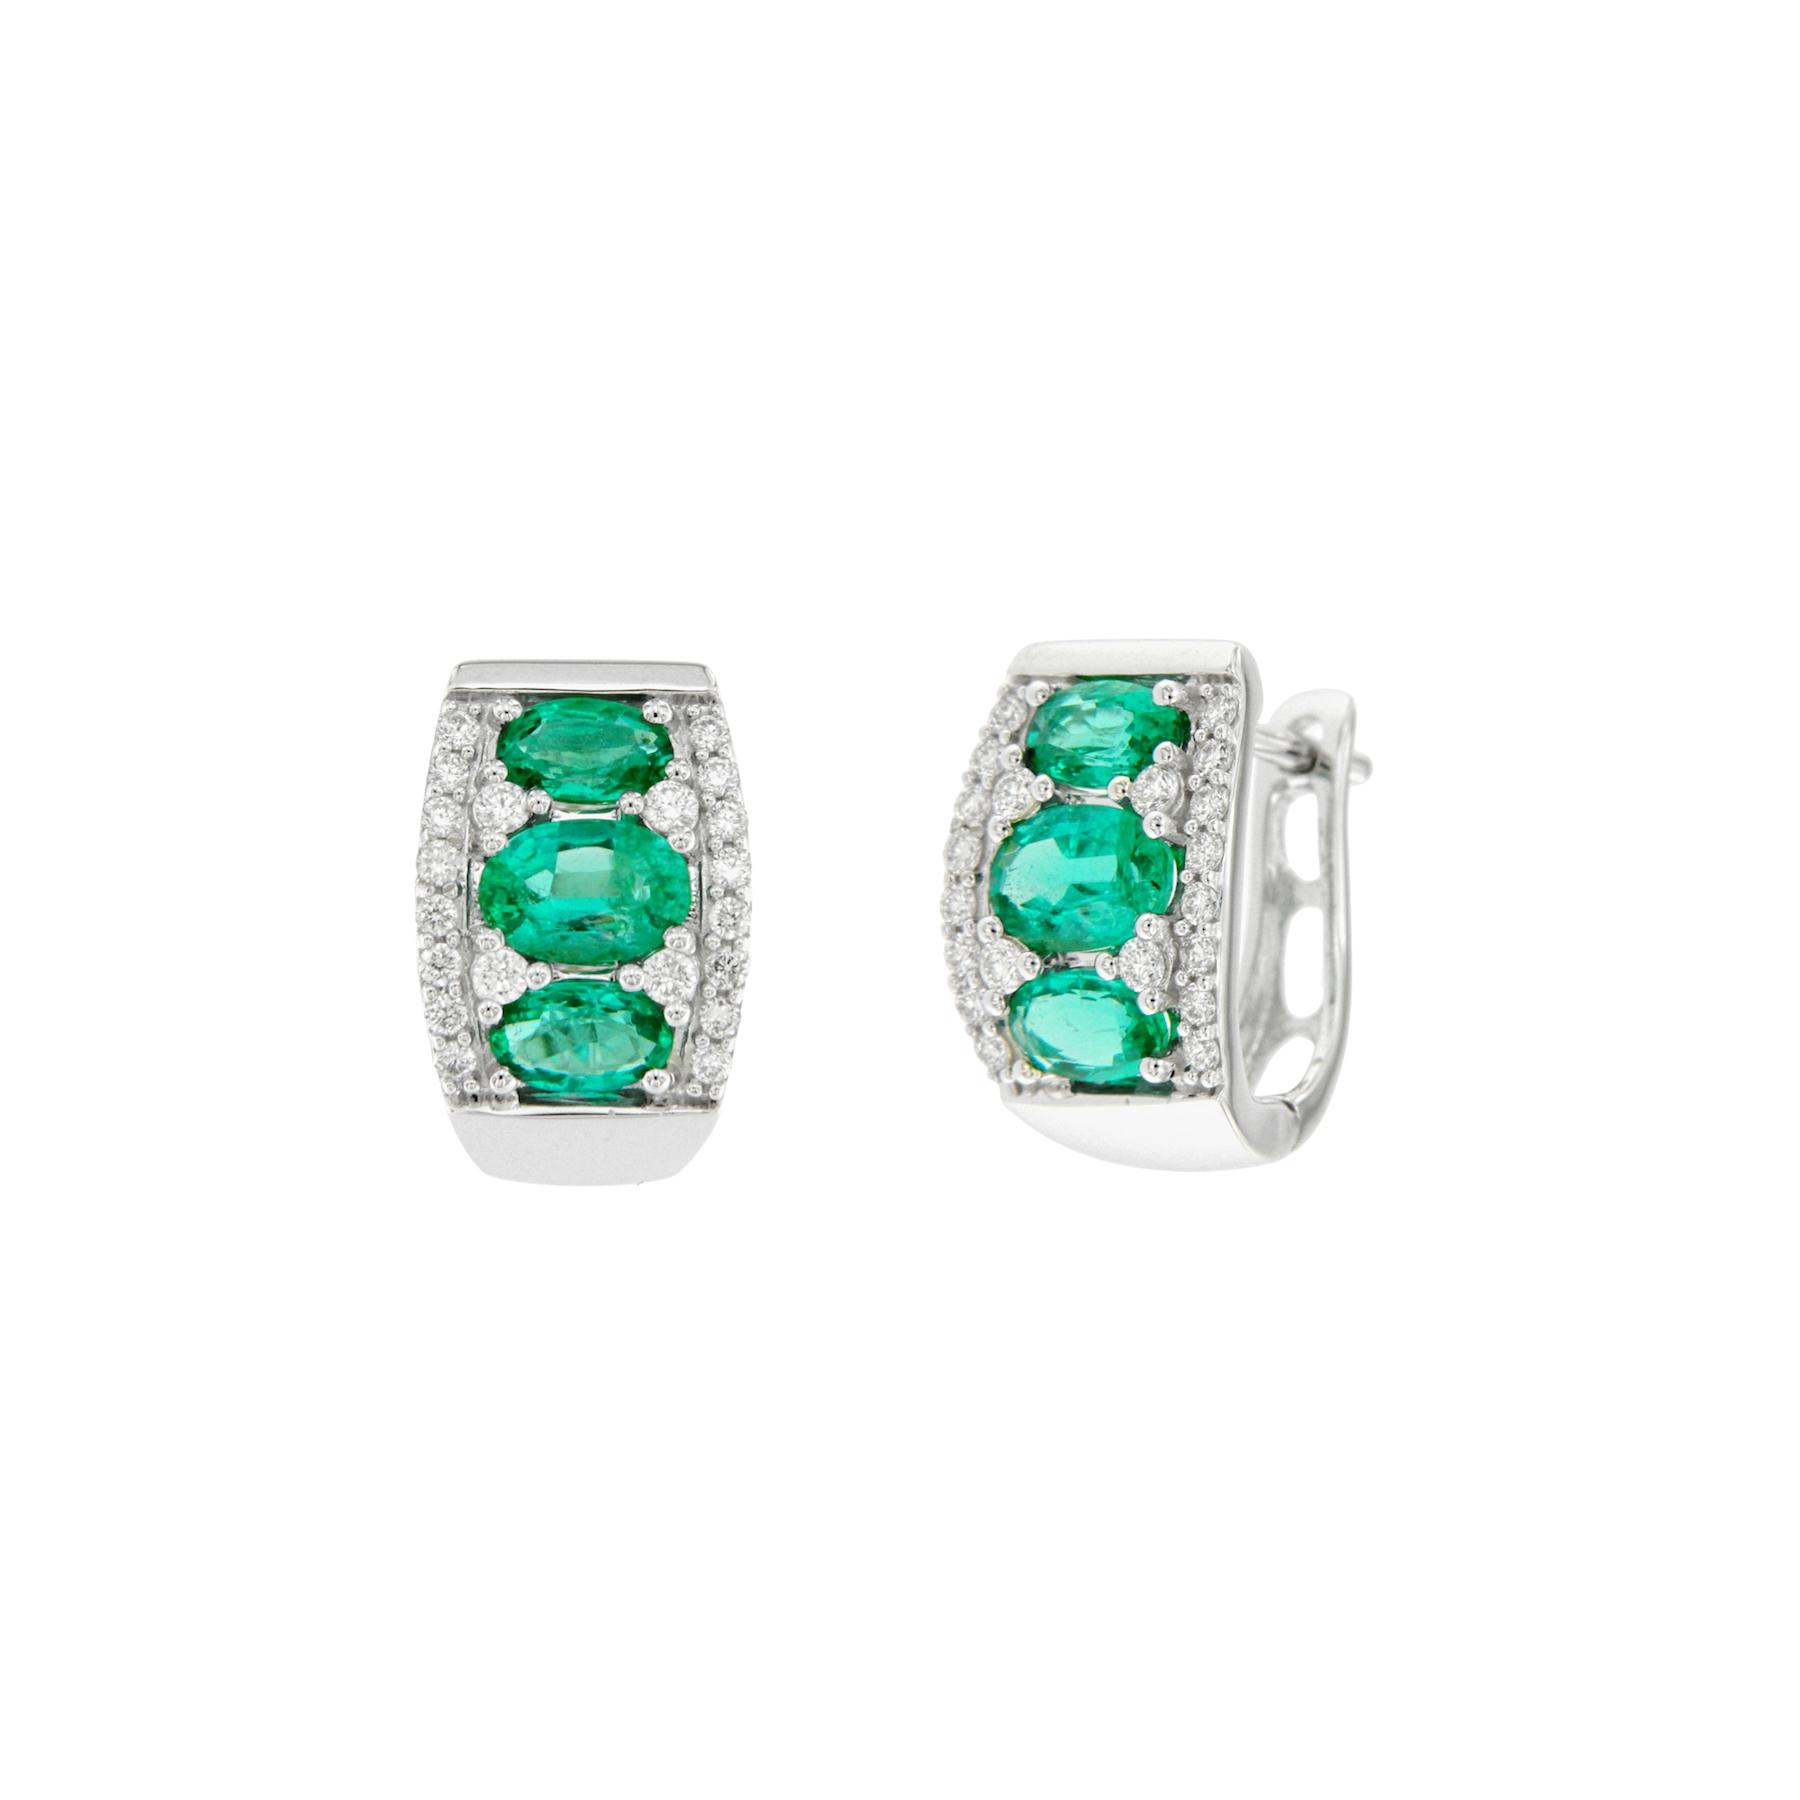 Orecchini in oro bianco 18 ct con brillanti e smeraldi 18K white gold earrings with brilliants and emeralds sconto discount